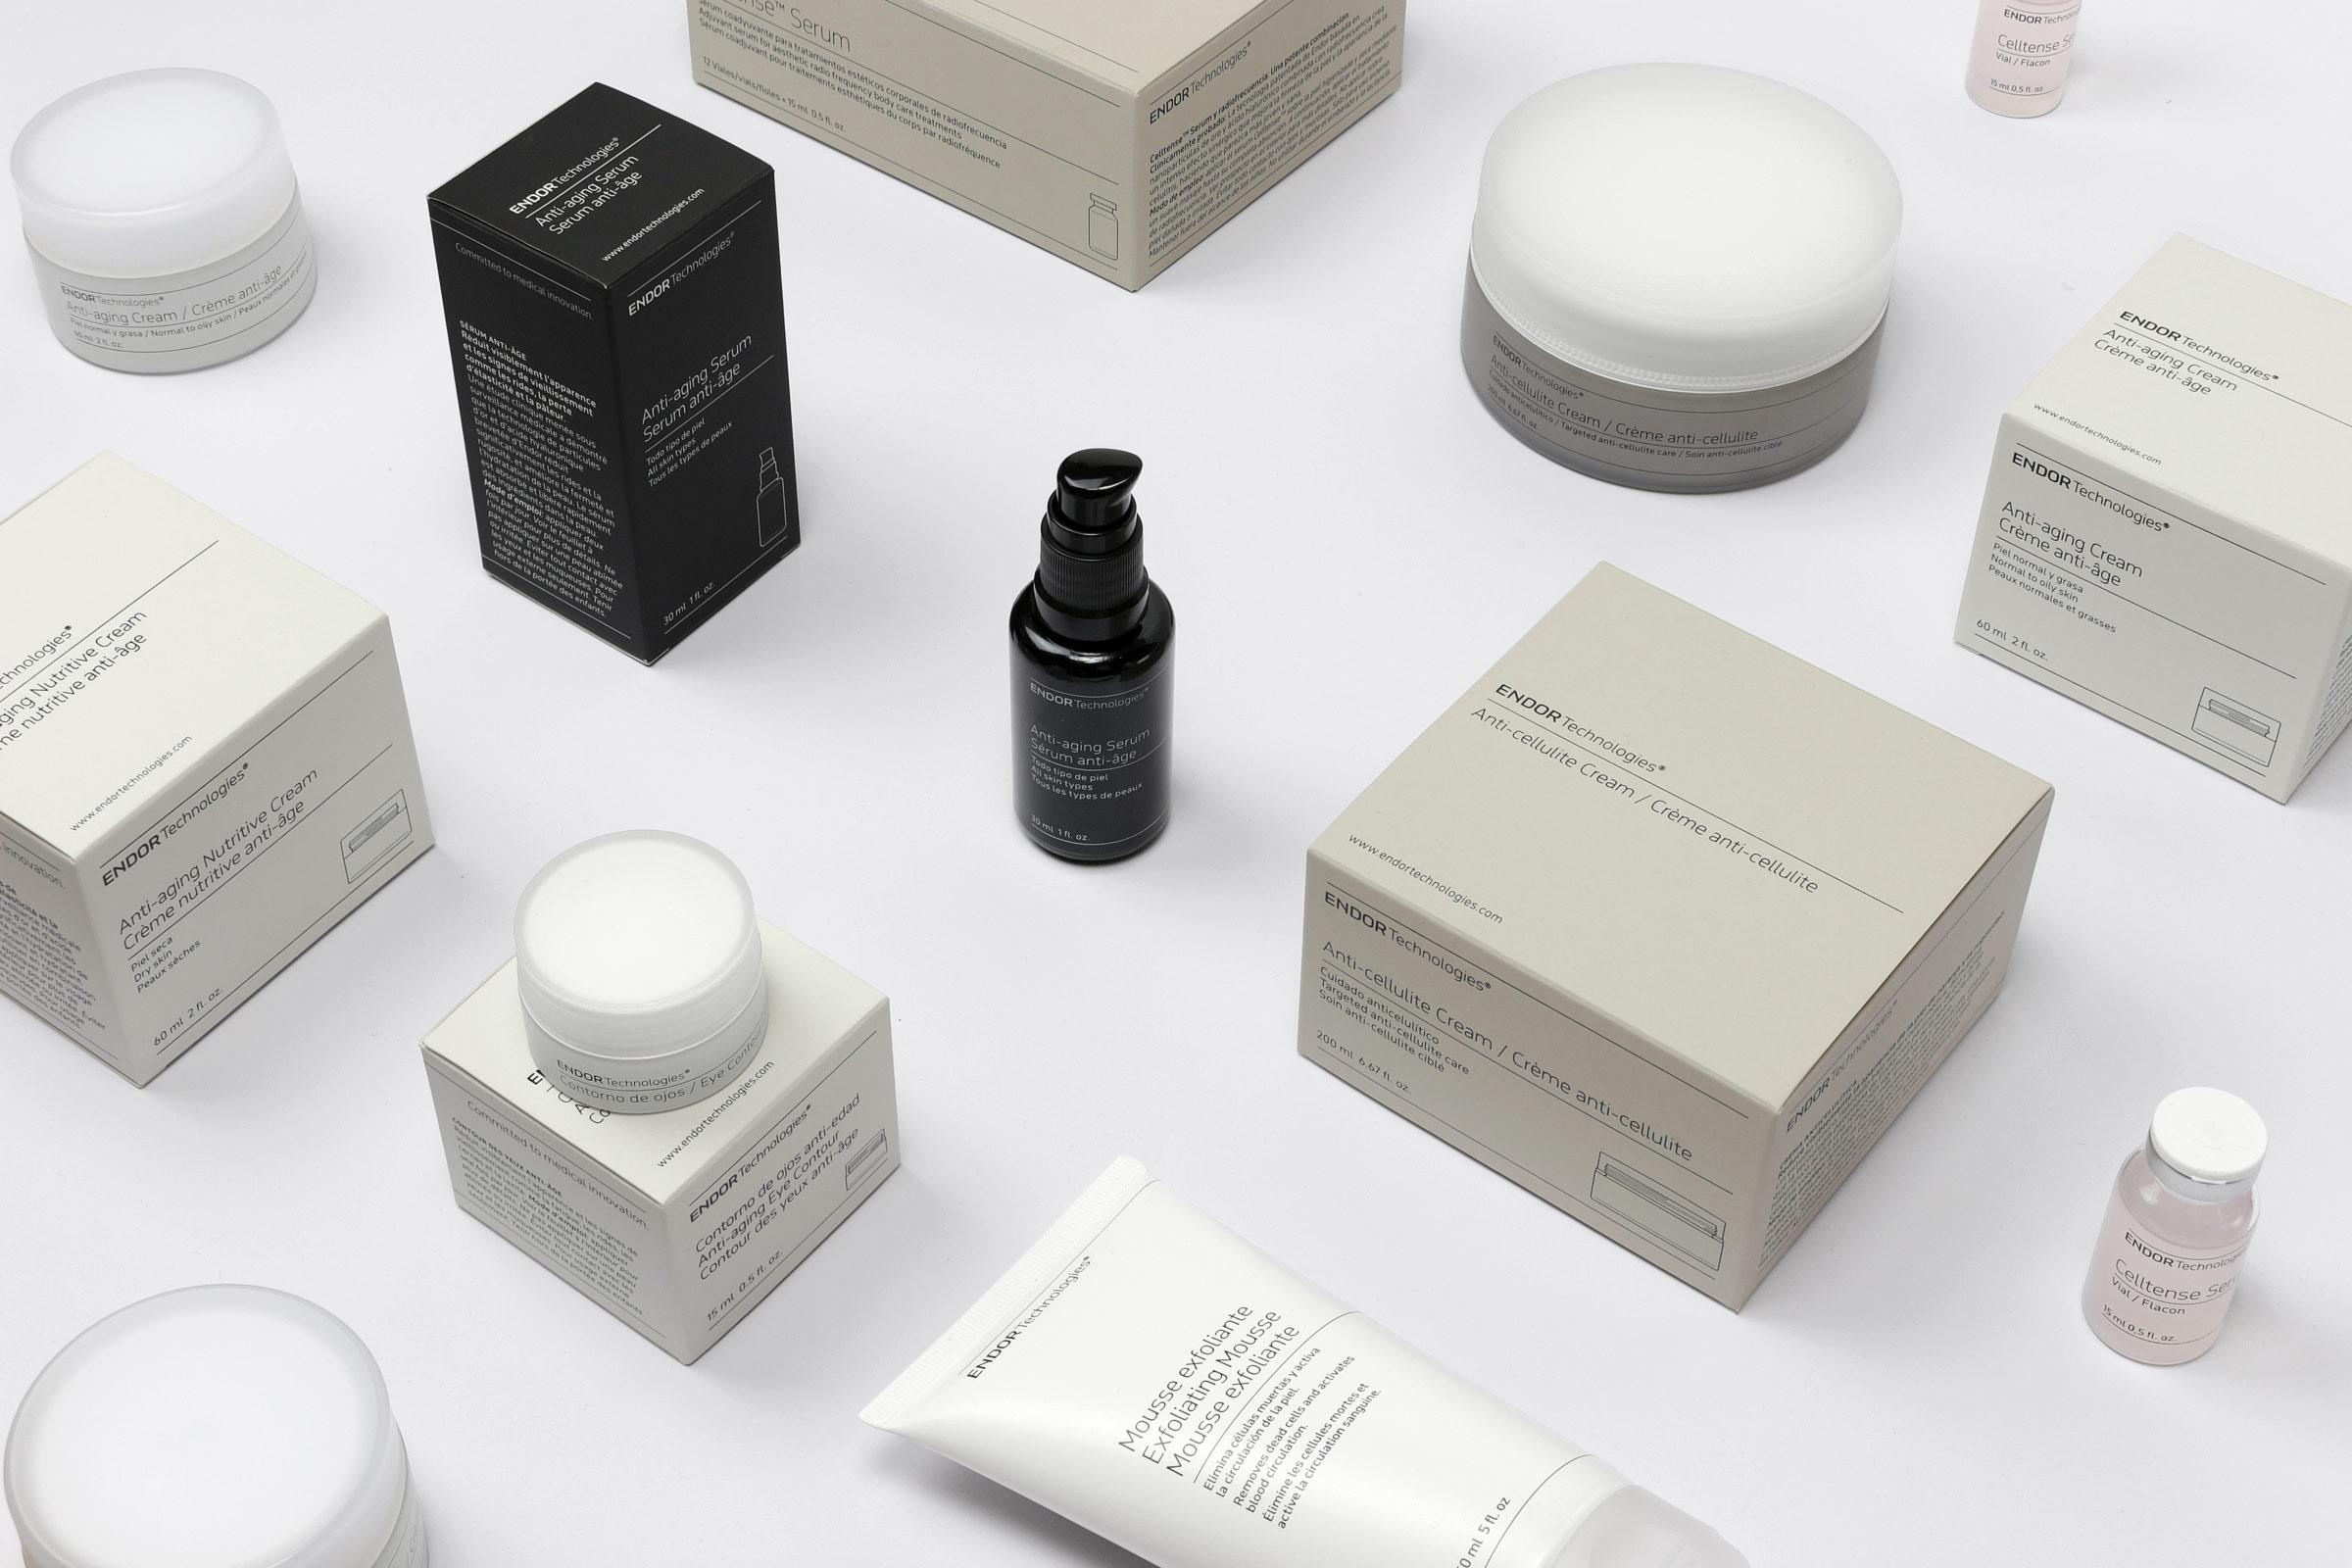 Fase, estudio de diseño gráfico. Identidad corporativa y diseño de packaging para Endor Technologies. Cajas y envases.